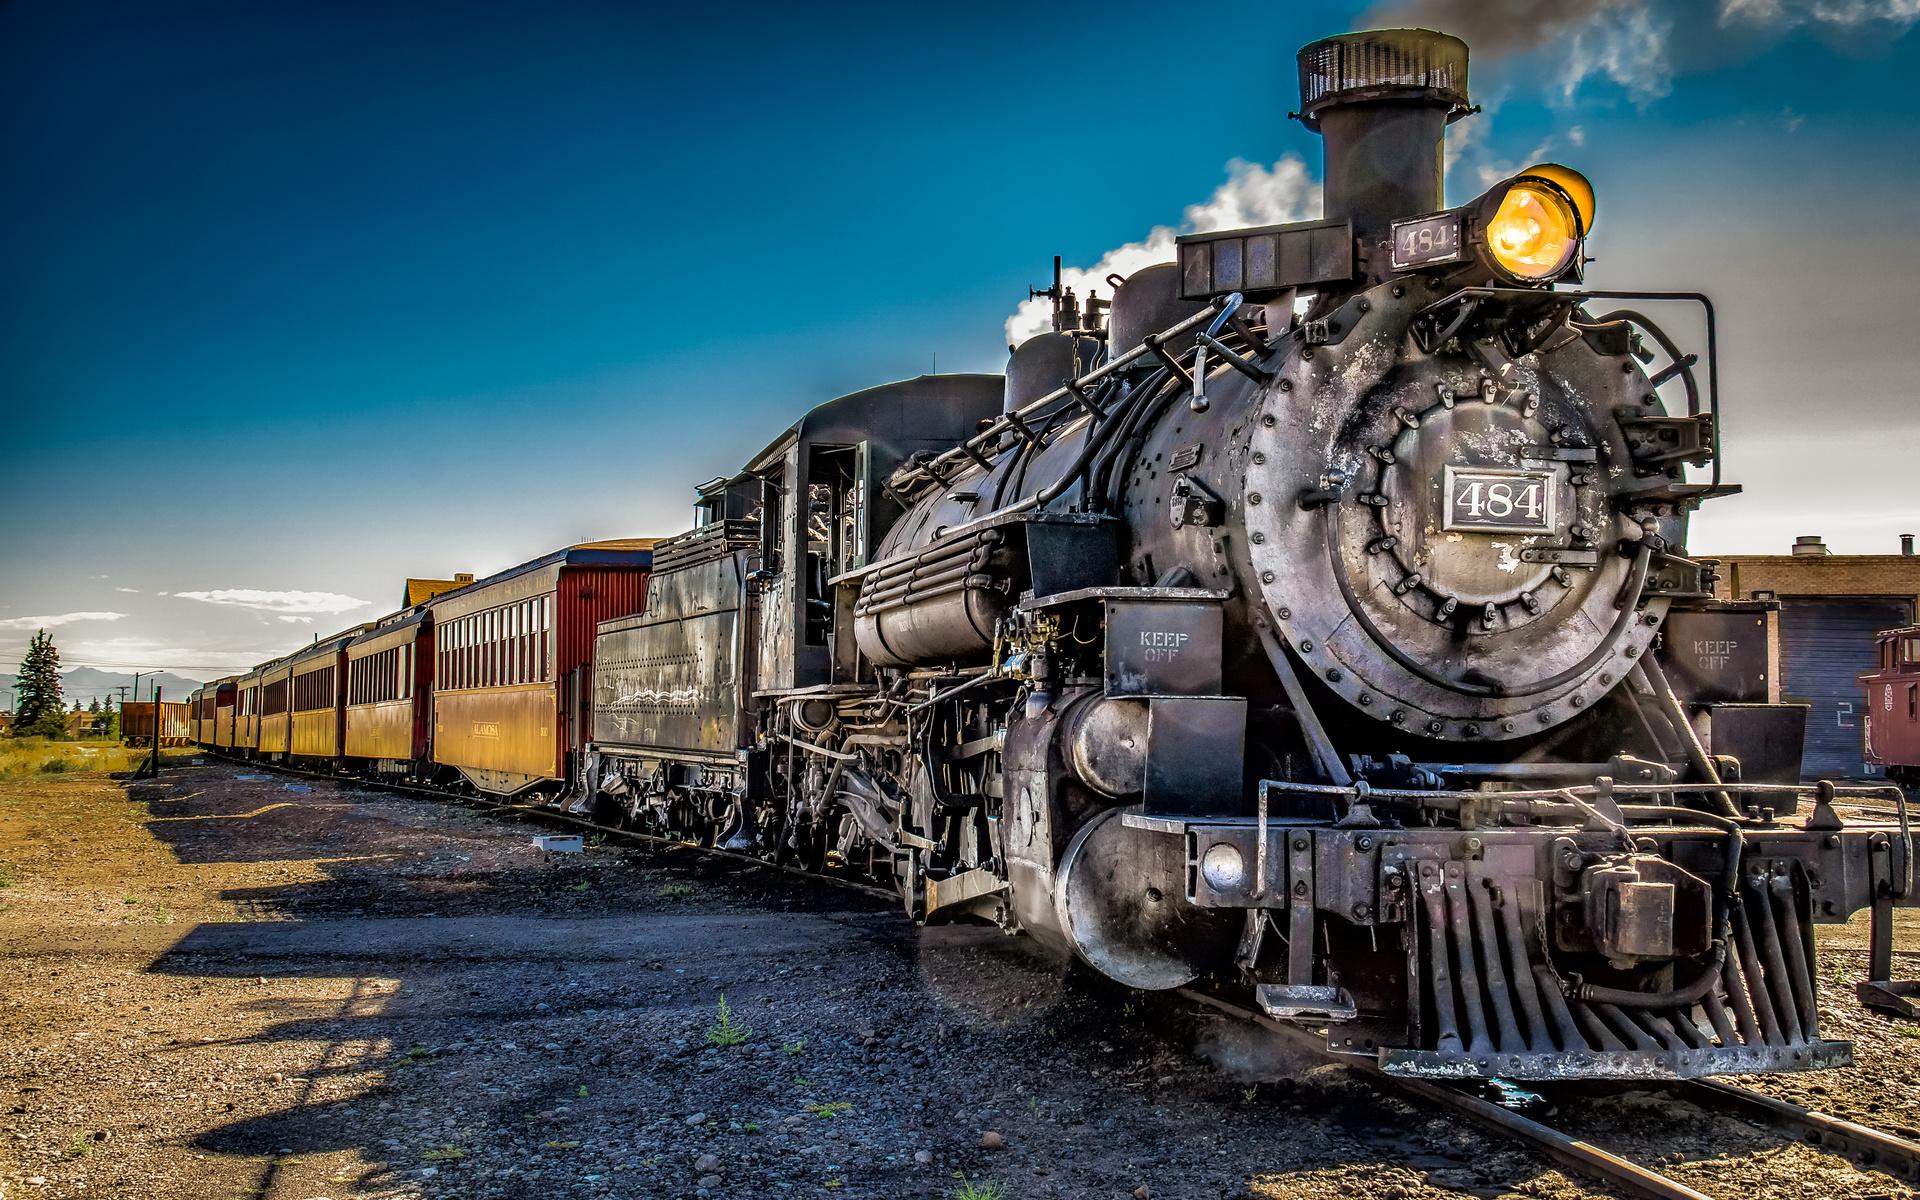 паровоз, поезд, вагоны